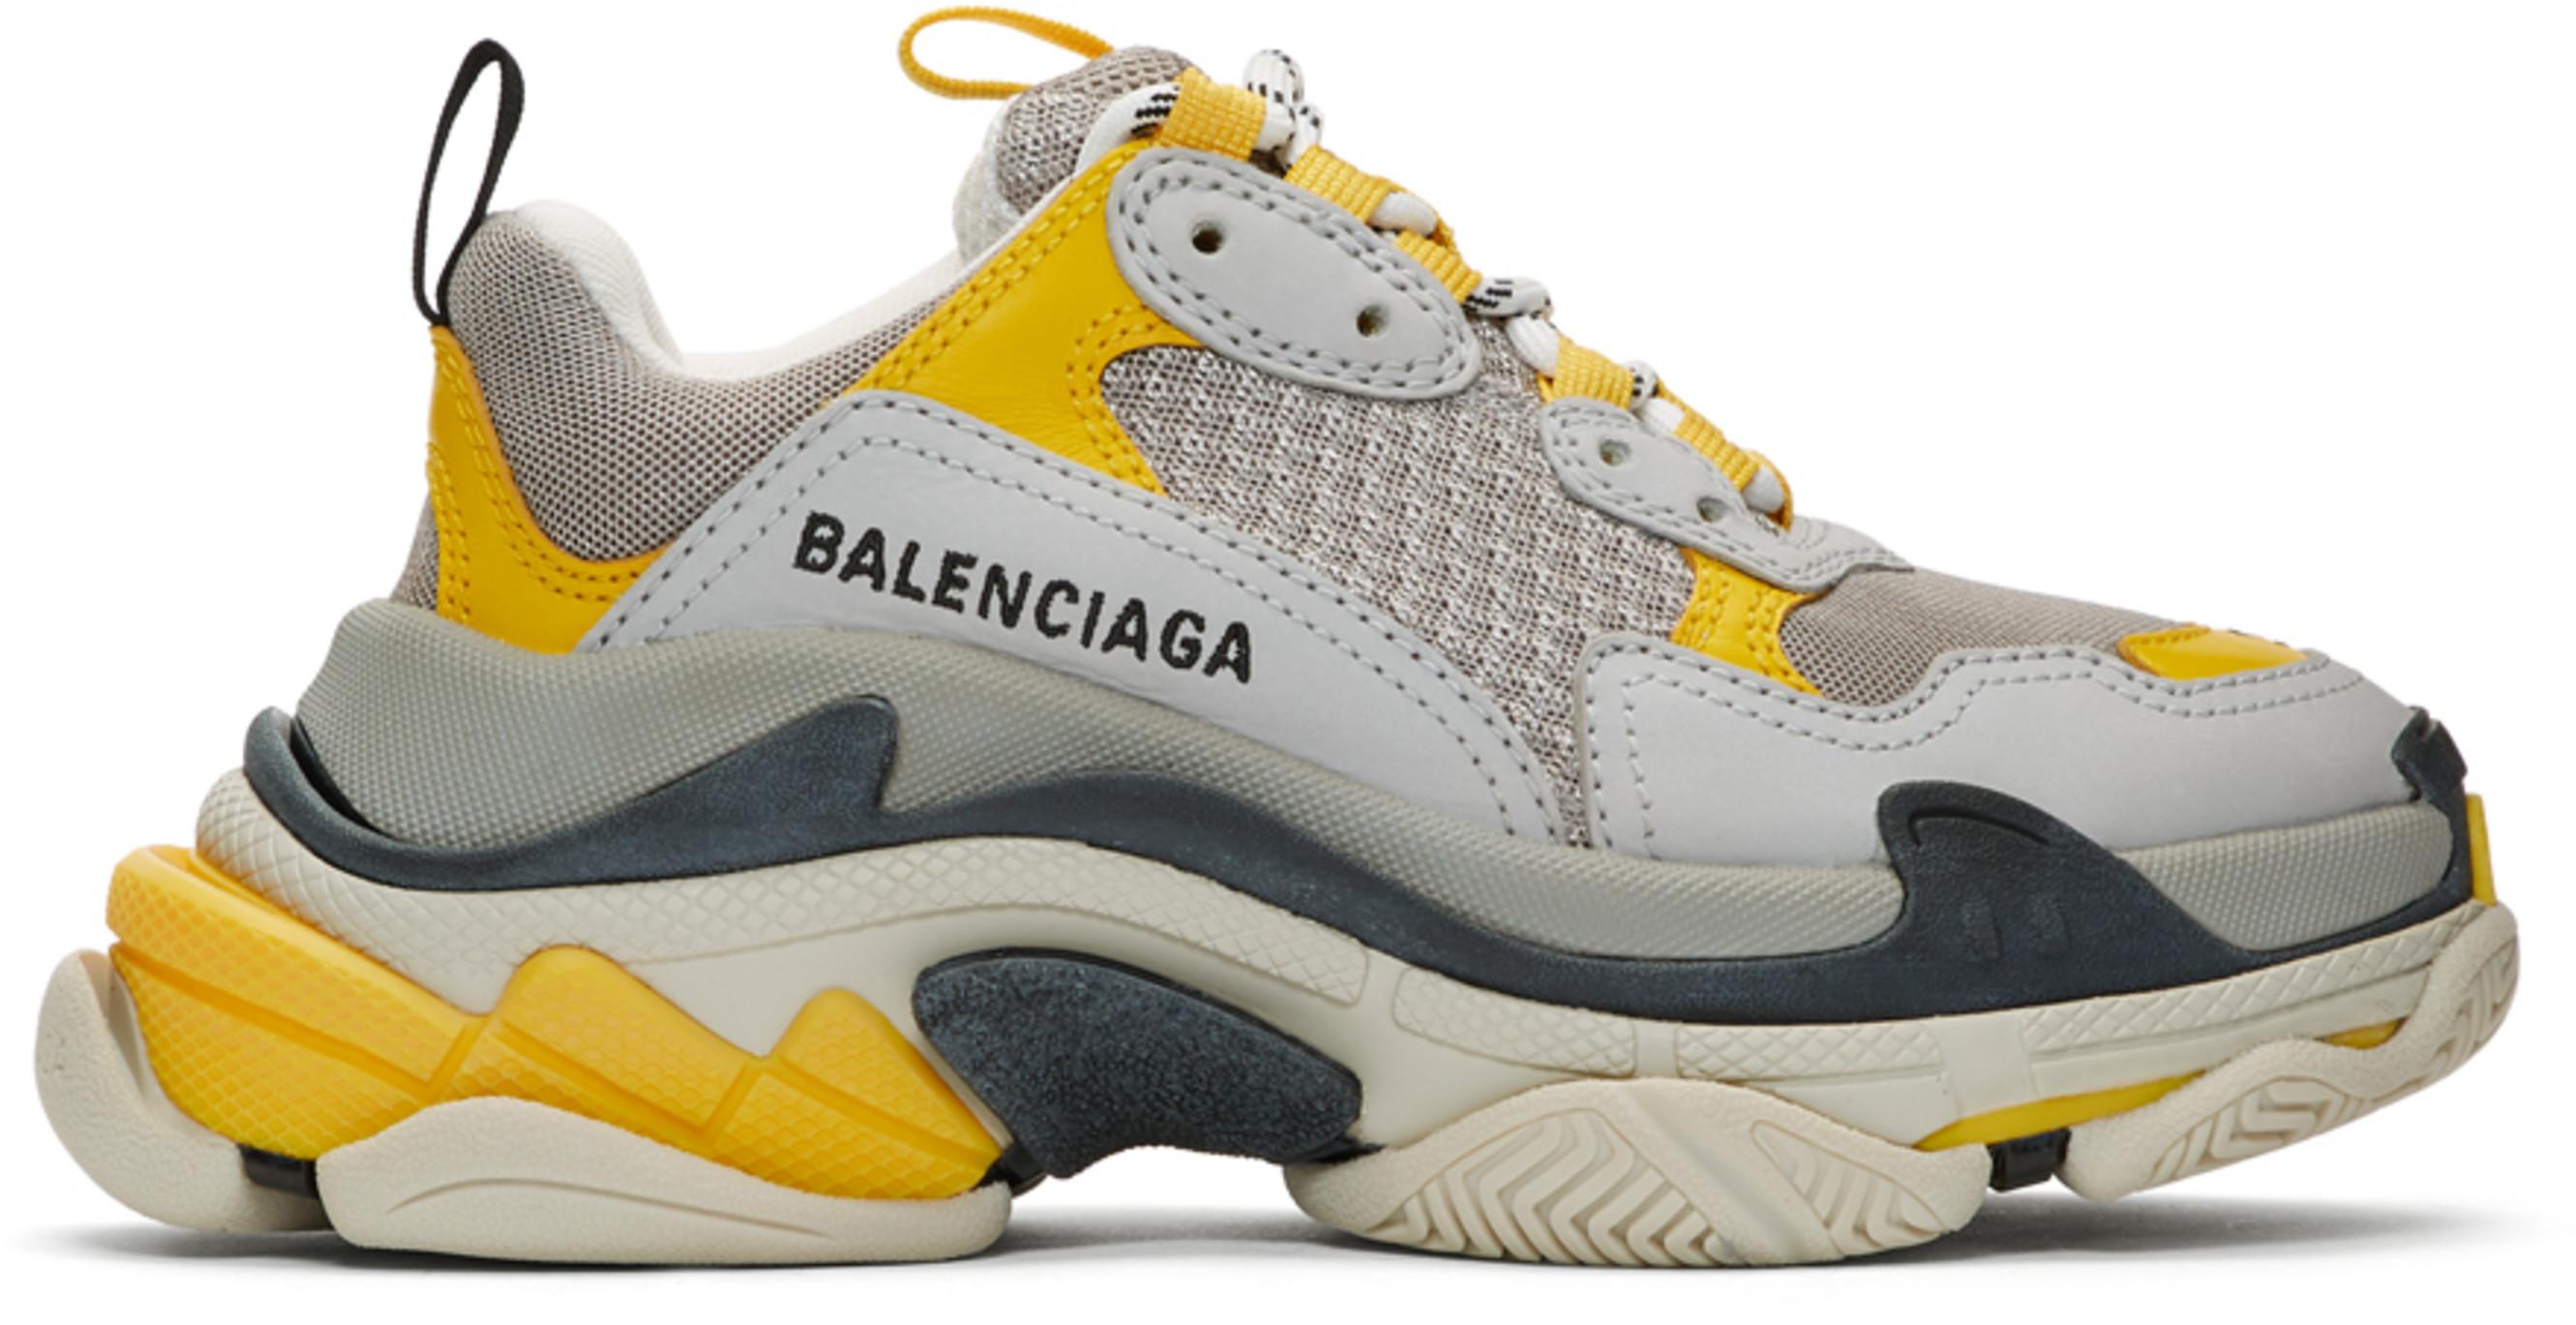 97bc20fc451a Balenciaga for Women SS19 Collection